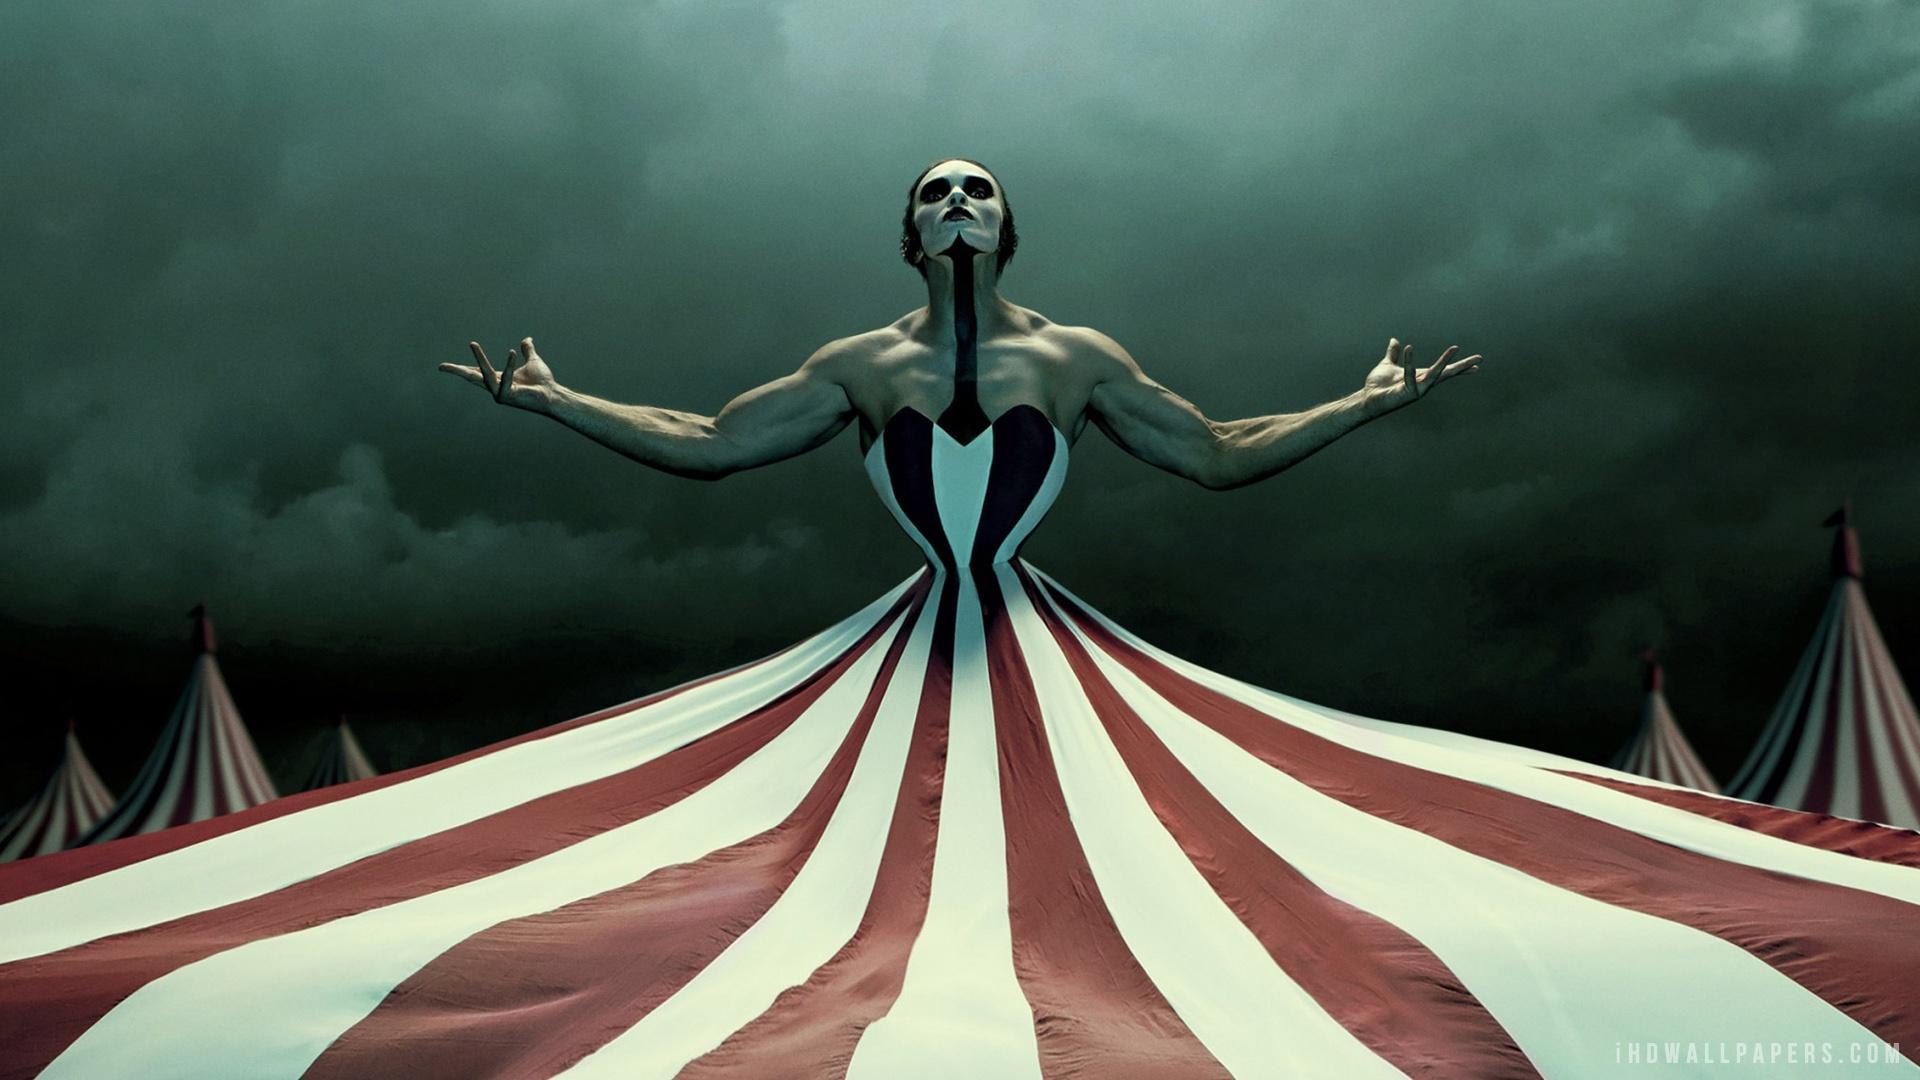 American Horror Story HD Wallpaper - WallpaperSafari